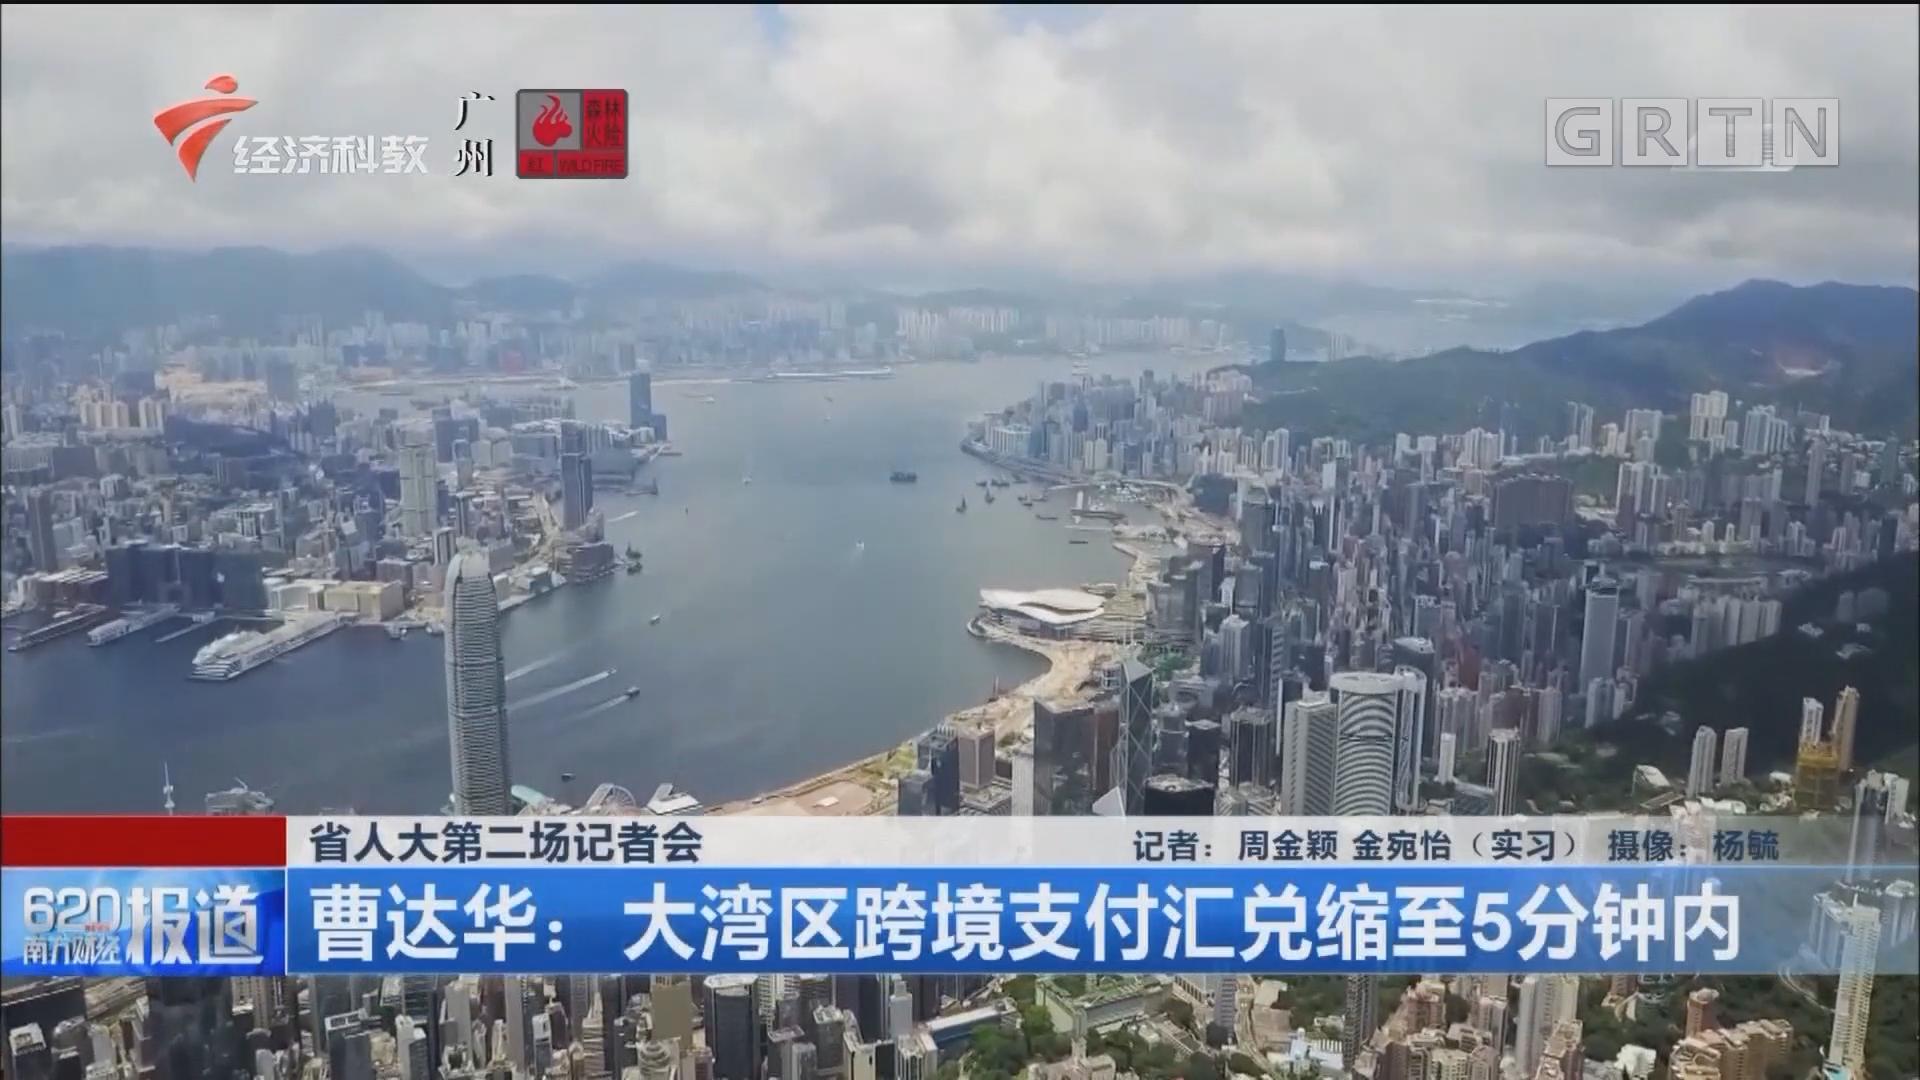 省人大第二场记者会 曹达华:大湾区跨境支付汇兑缩至5分钟内